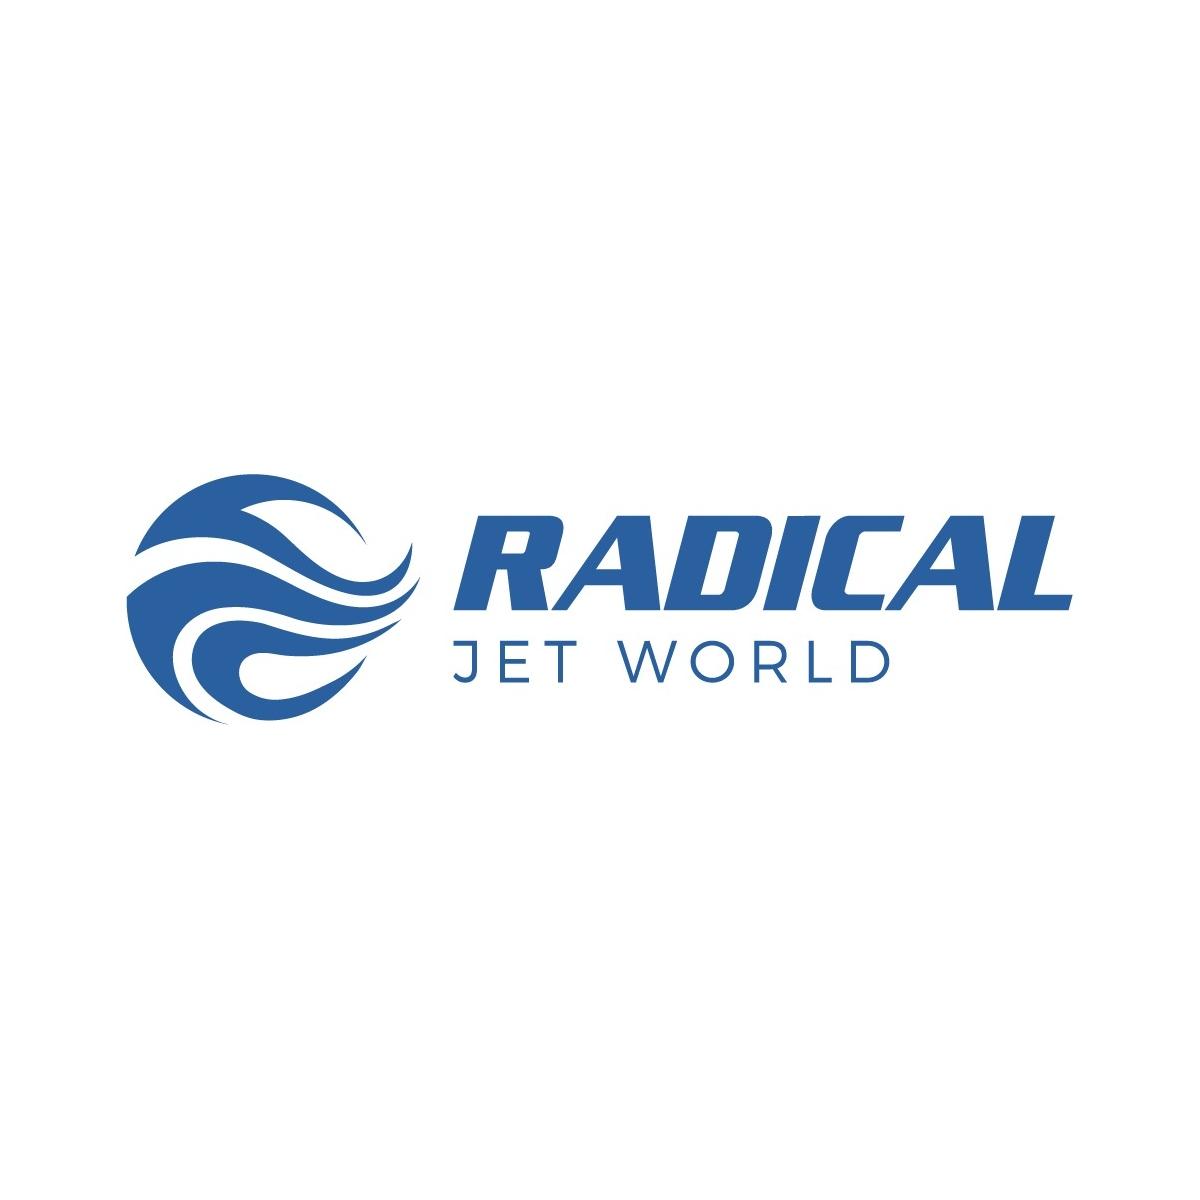 Corta Circuito com Pulseira de Neoprene para Jet Ski Sea Doo N/Codificado Nacional  - Radical Peças - Peças para Jet Ski